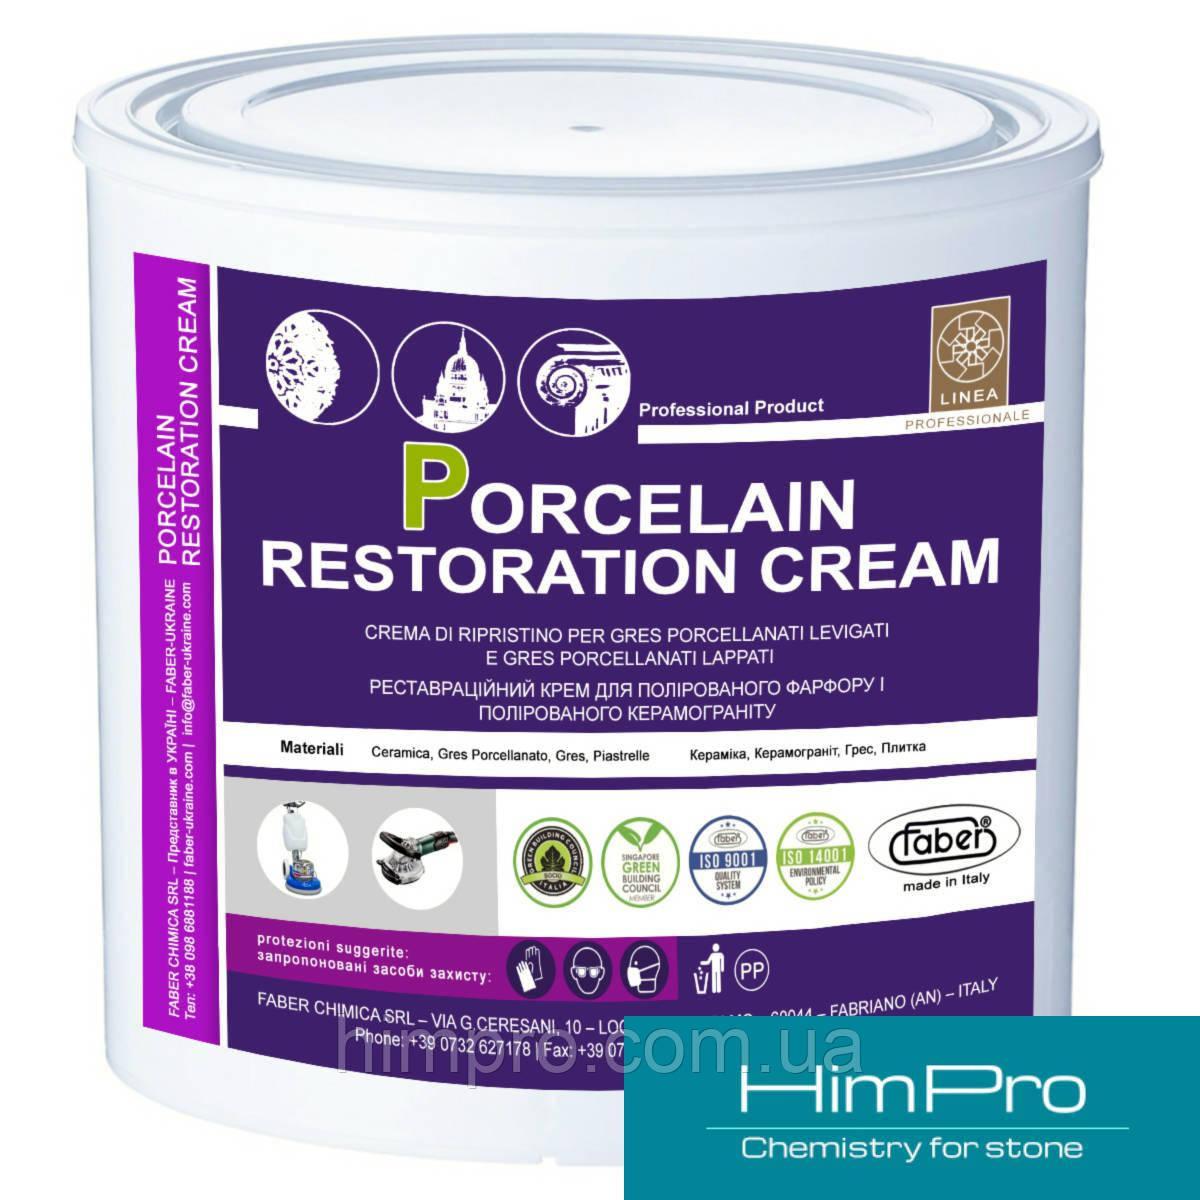 PORCELAIN RESTORATION CREAM 1.2kg Реставрация керамики